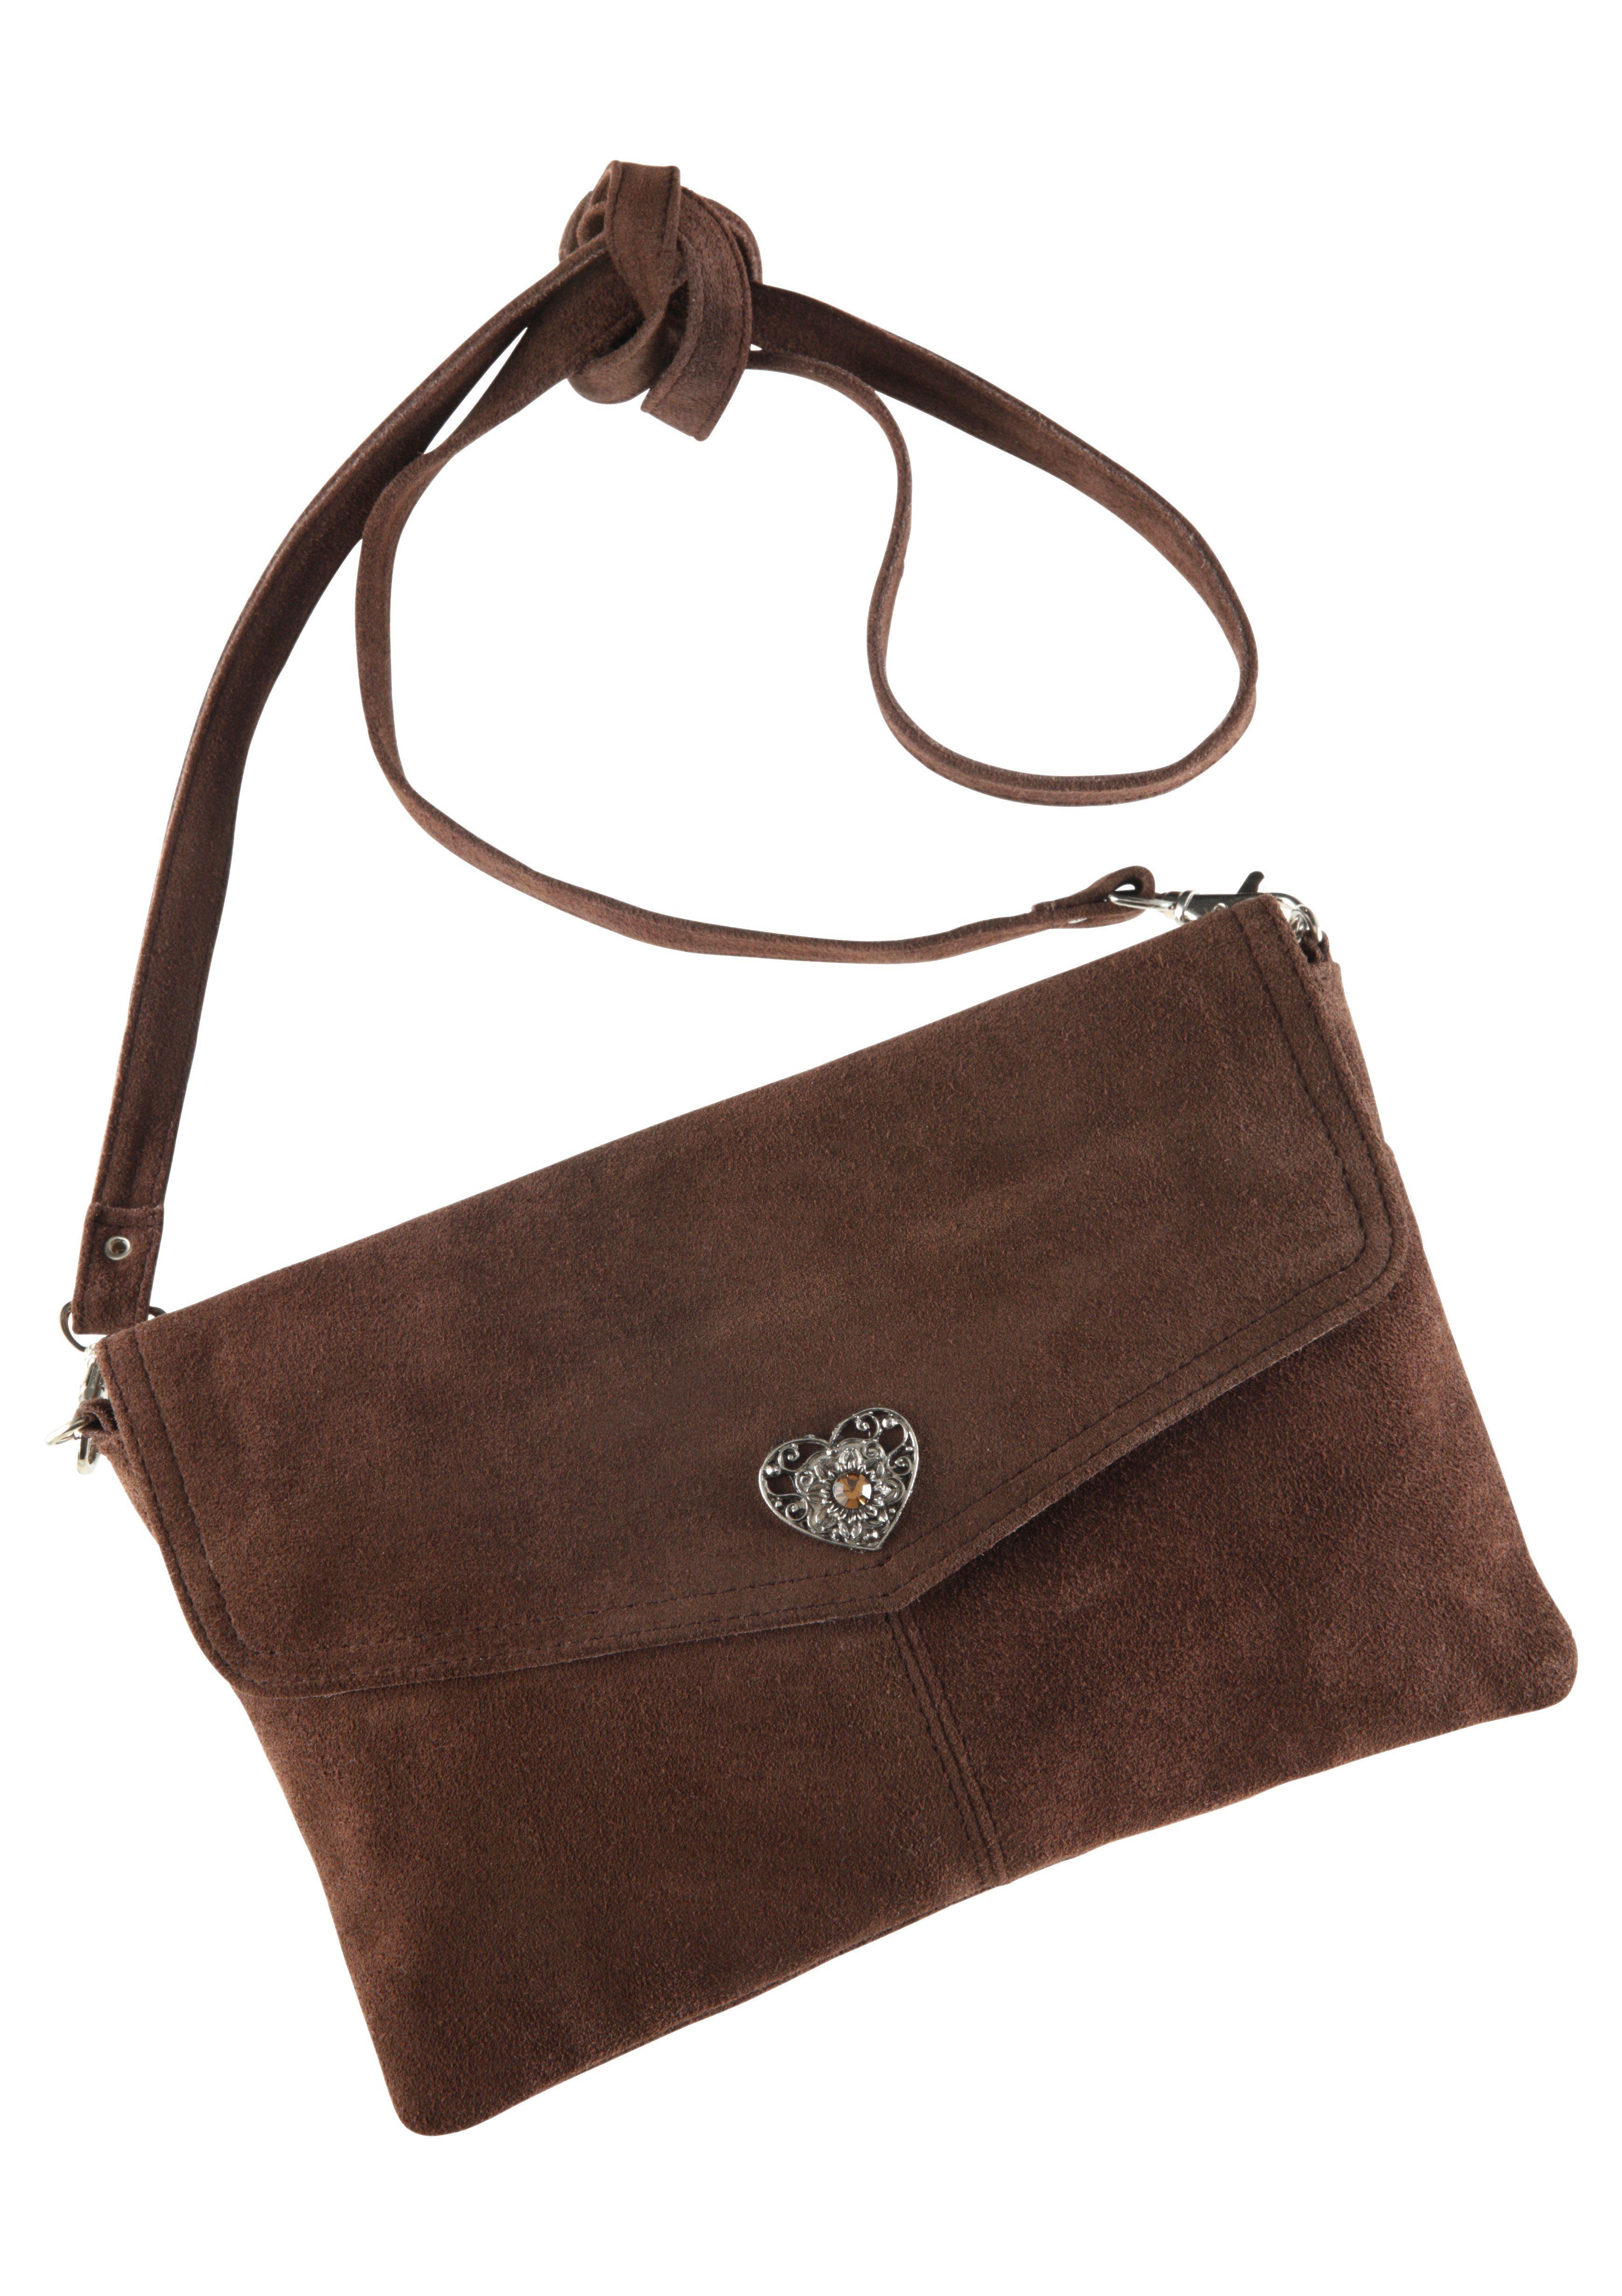 Trachtentasche mit Herzapplikation, KABE Leder-Accessoires